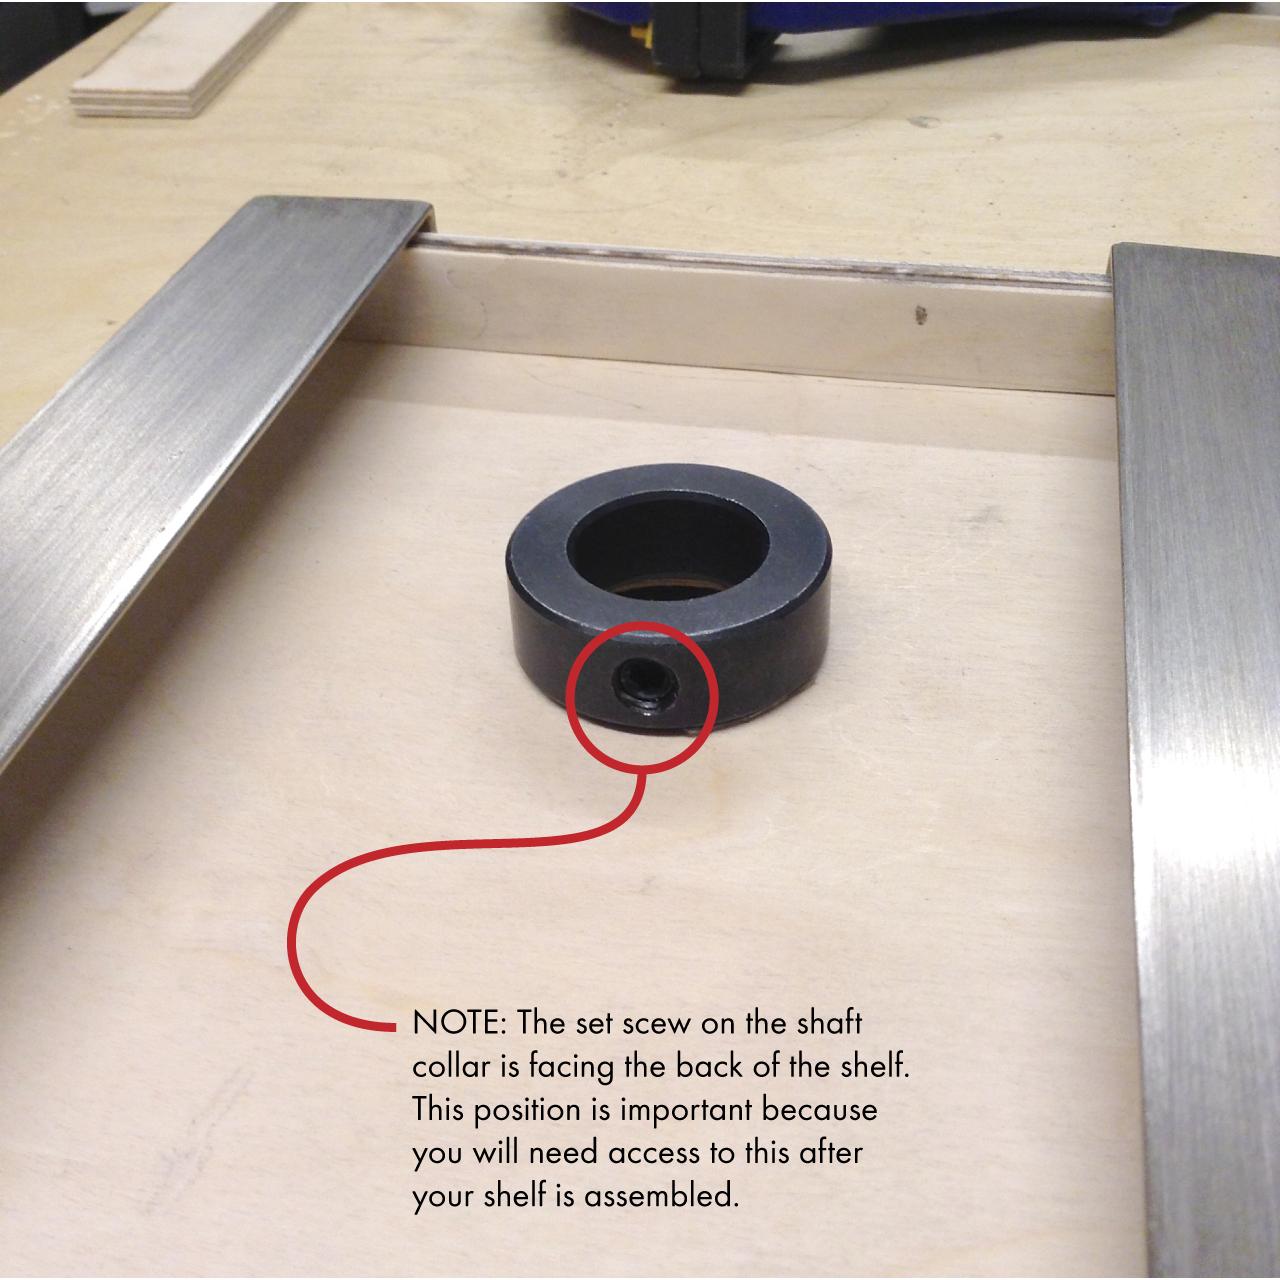 5 shaft collar orientation